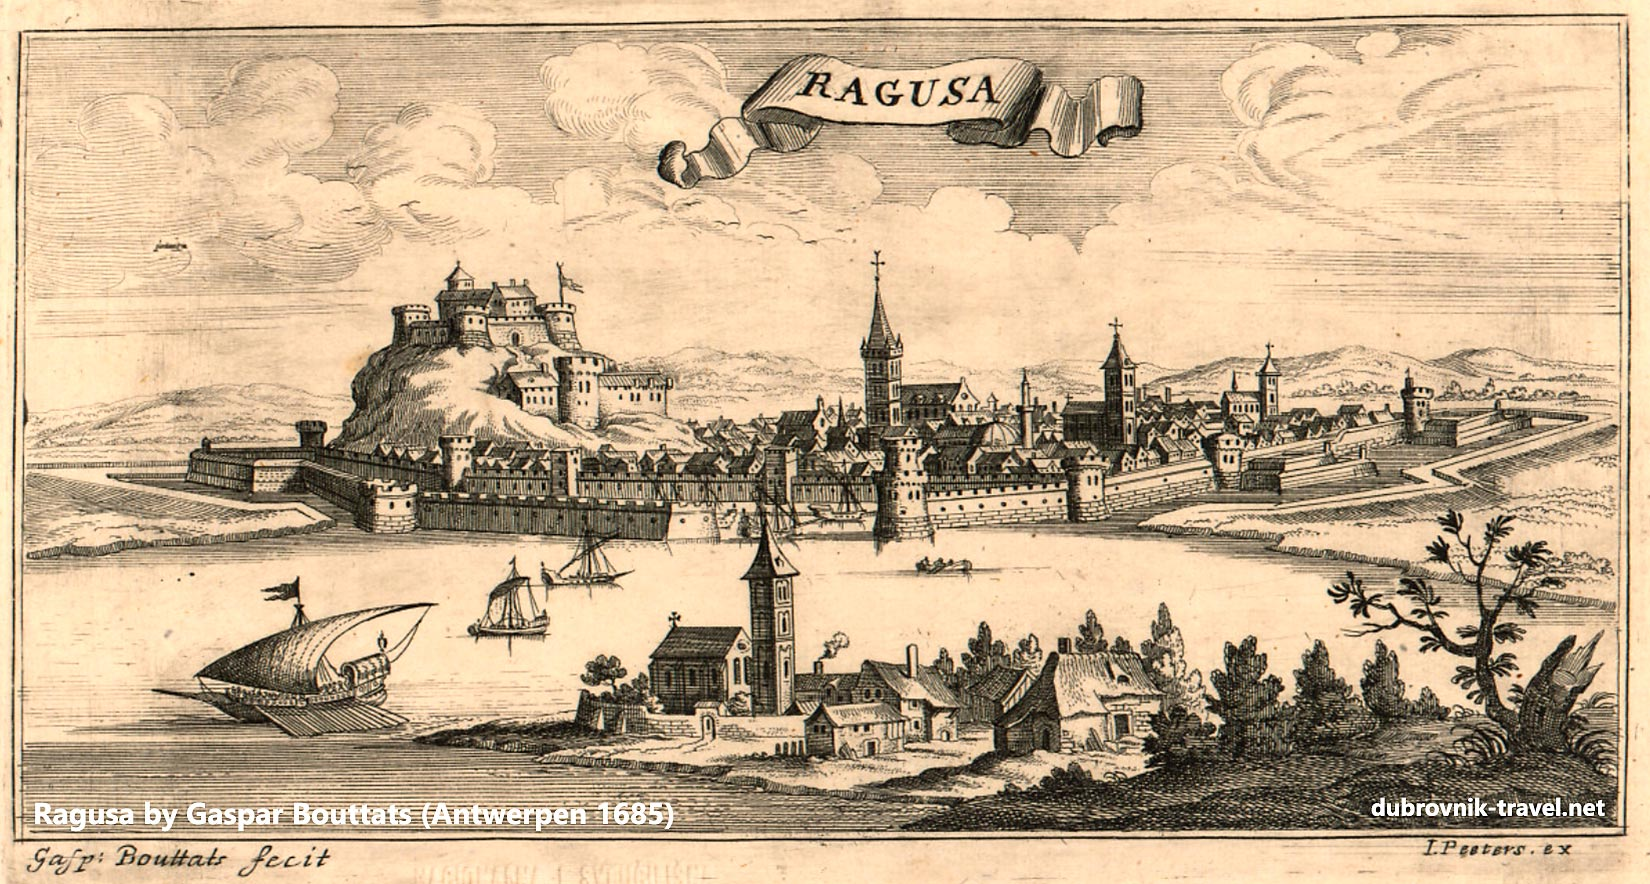 Ragusa (Dubrovnik) in 1685